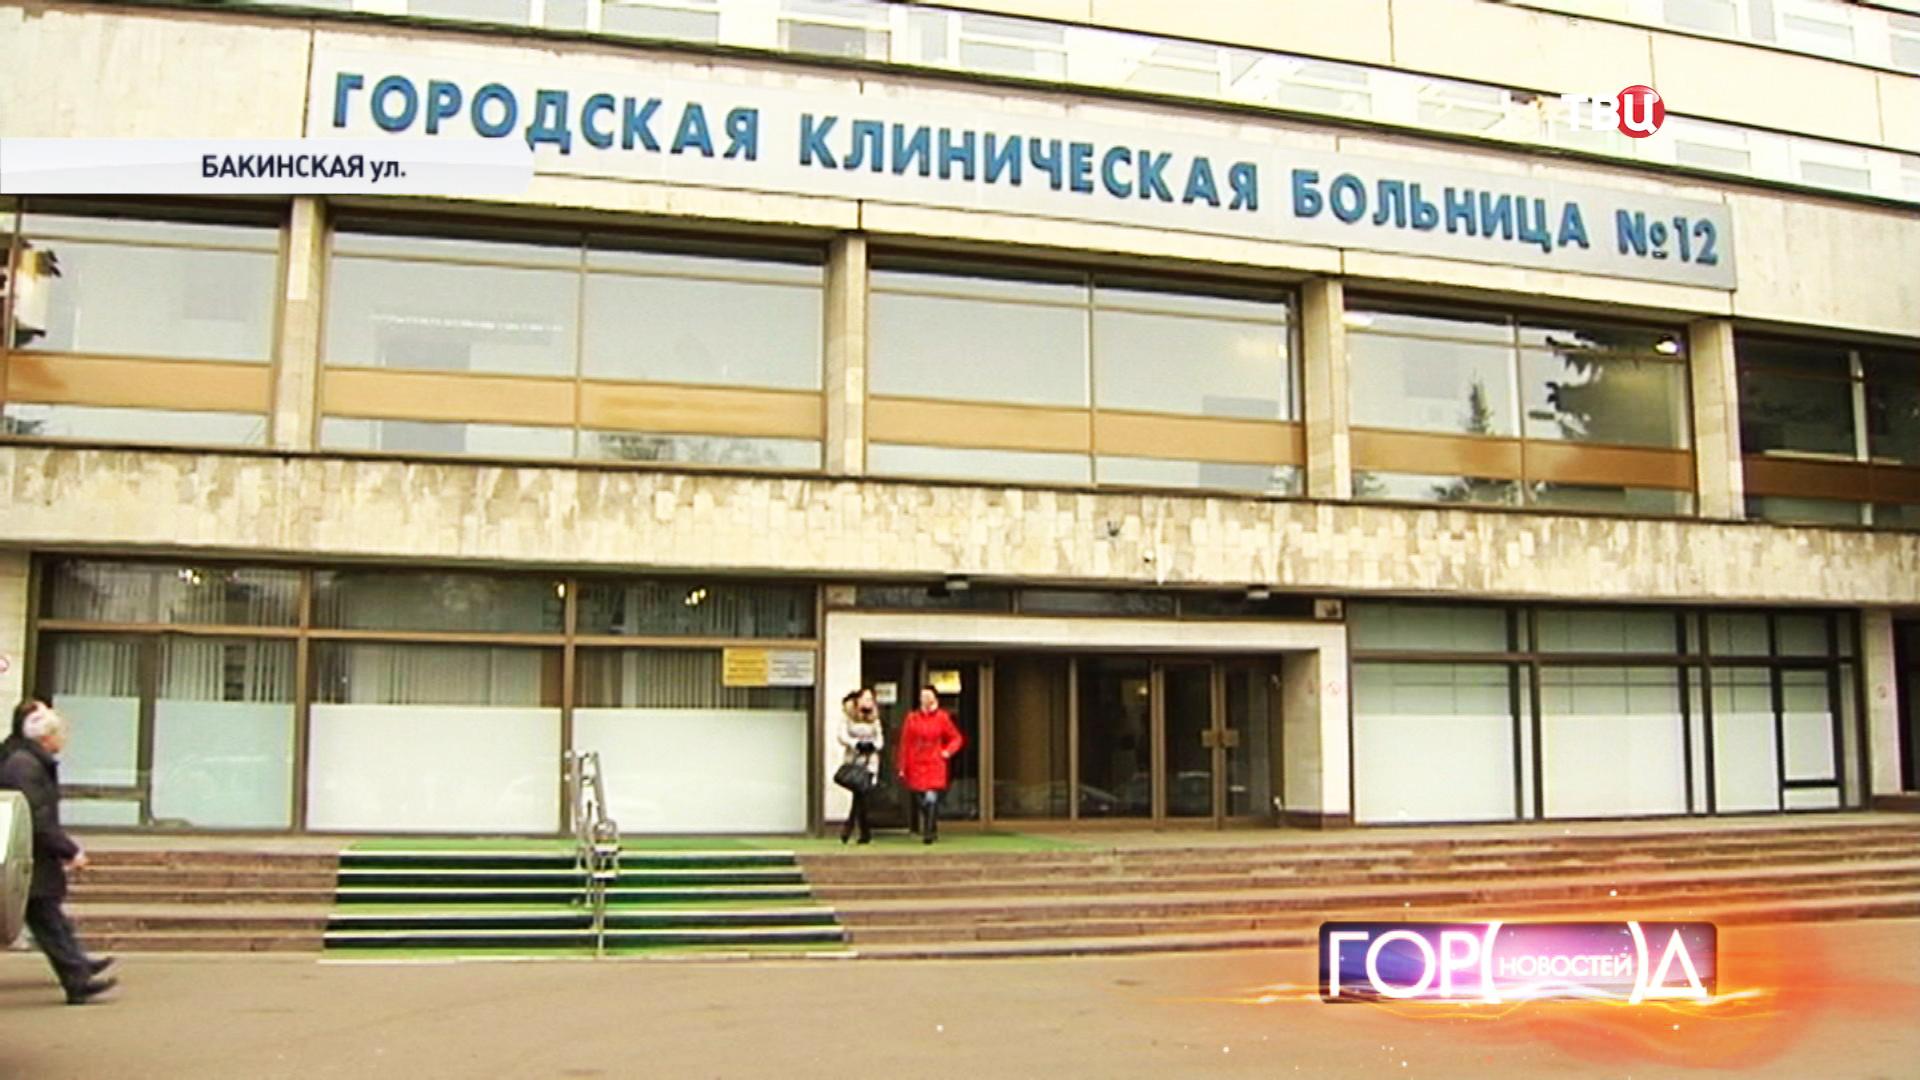 Городская клиническая больница № 12